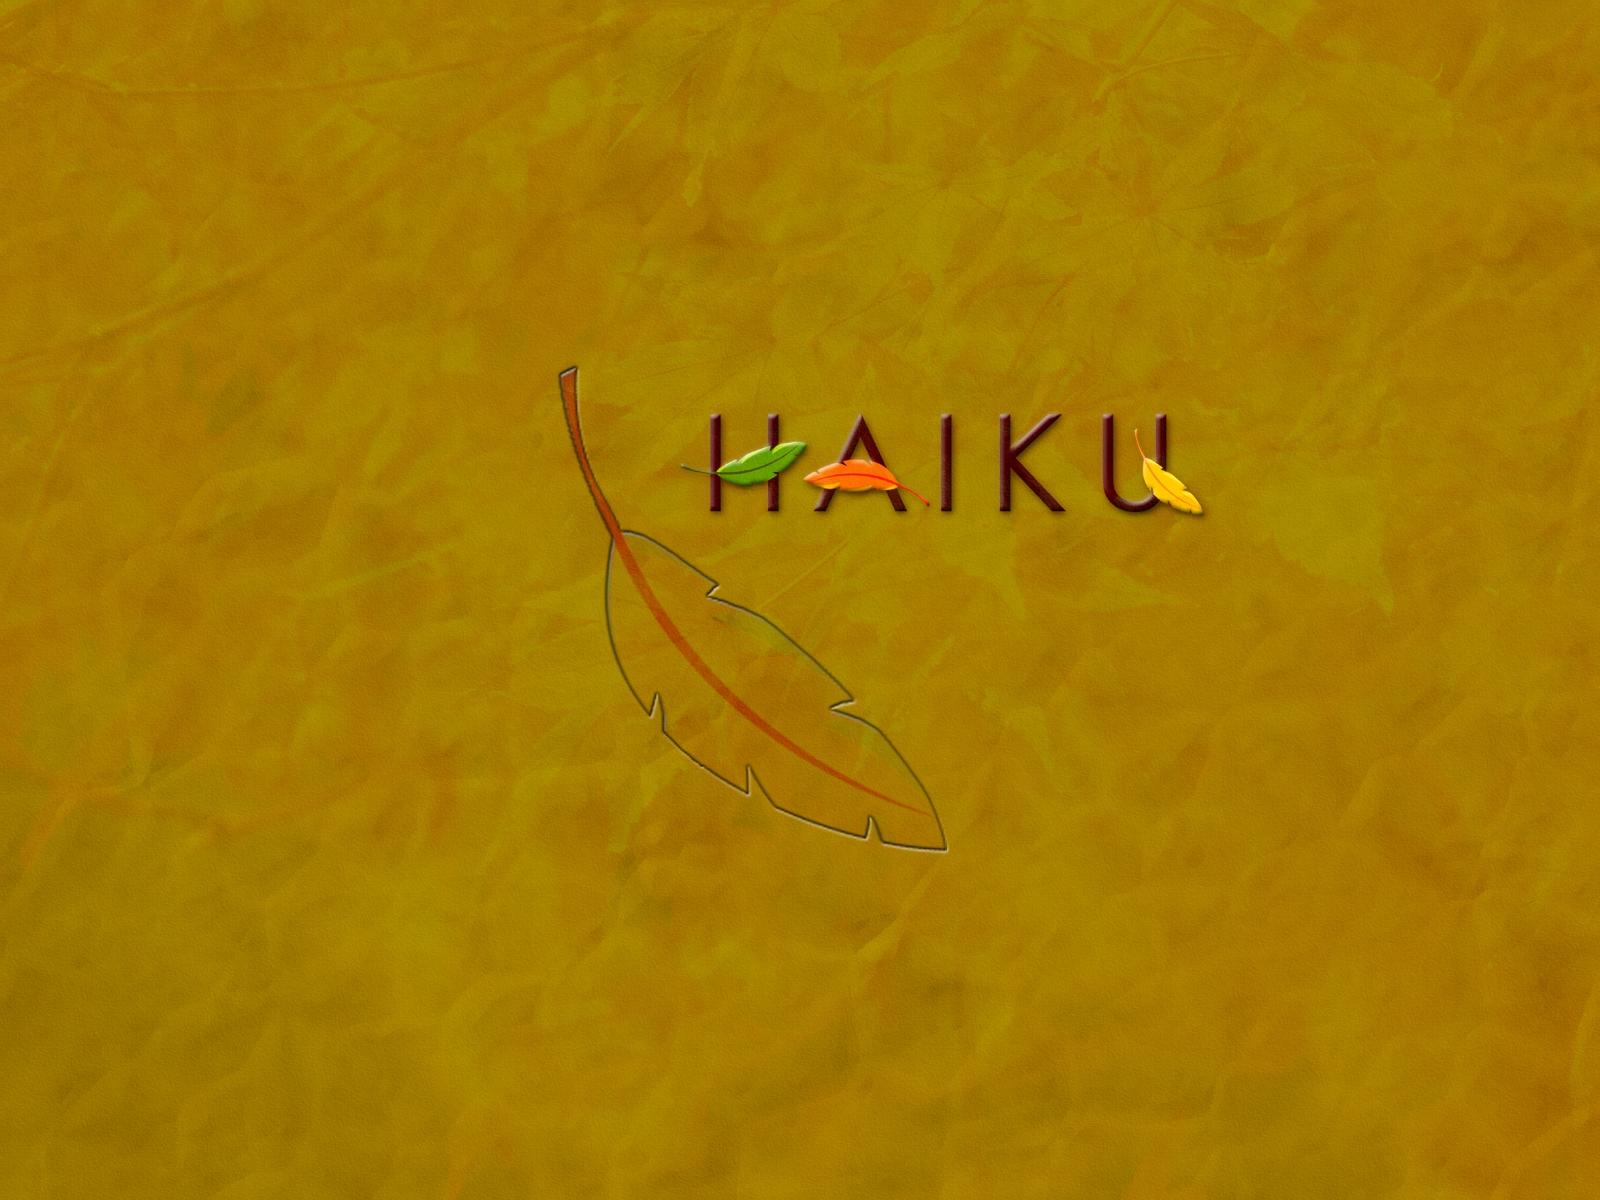 Haiku 1600x1200